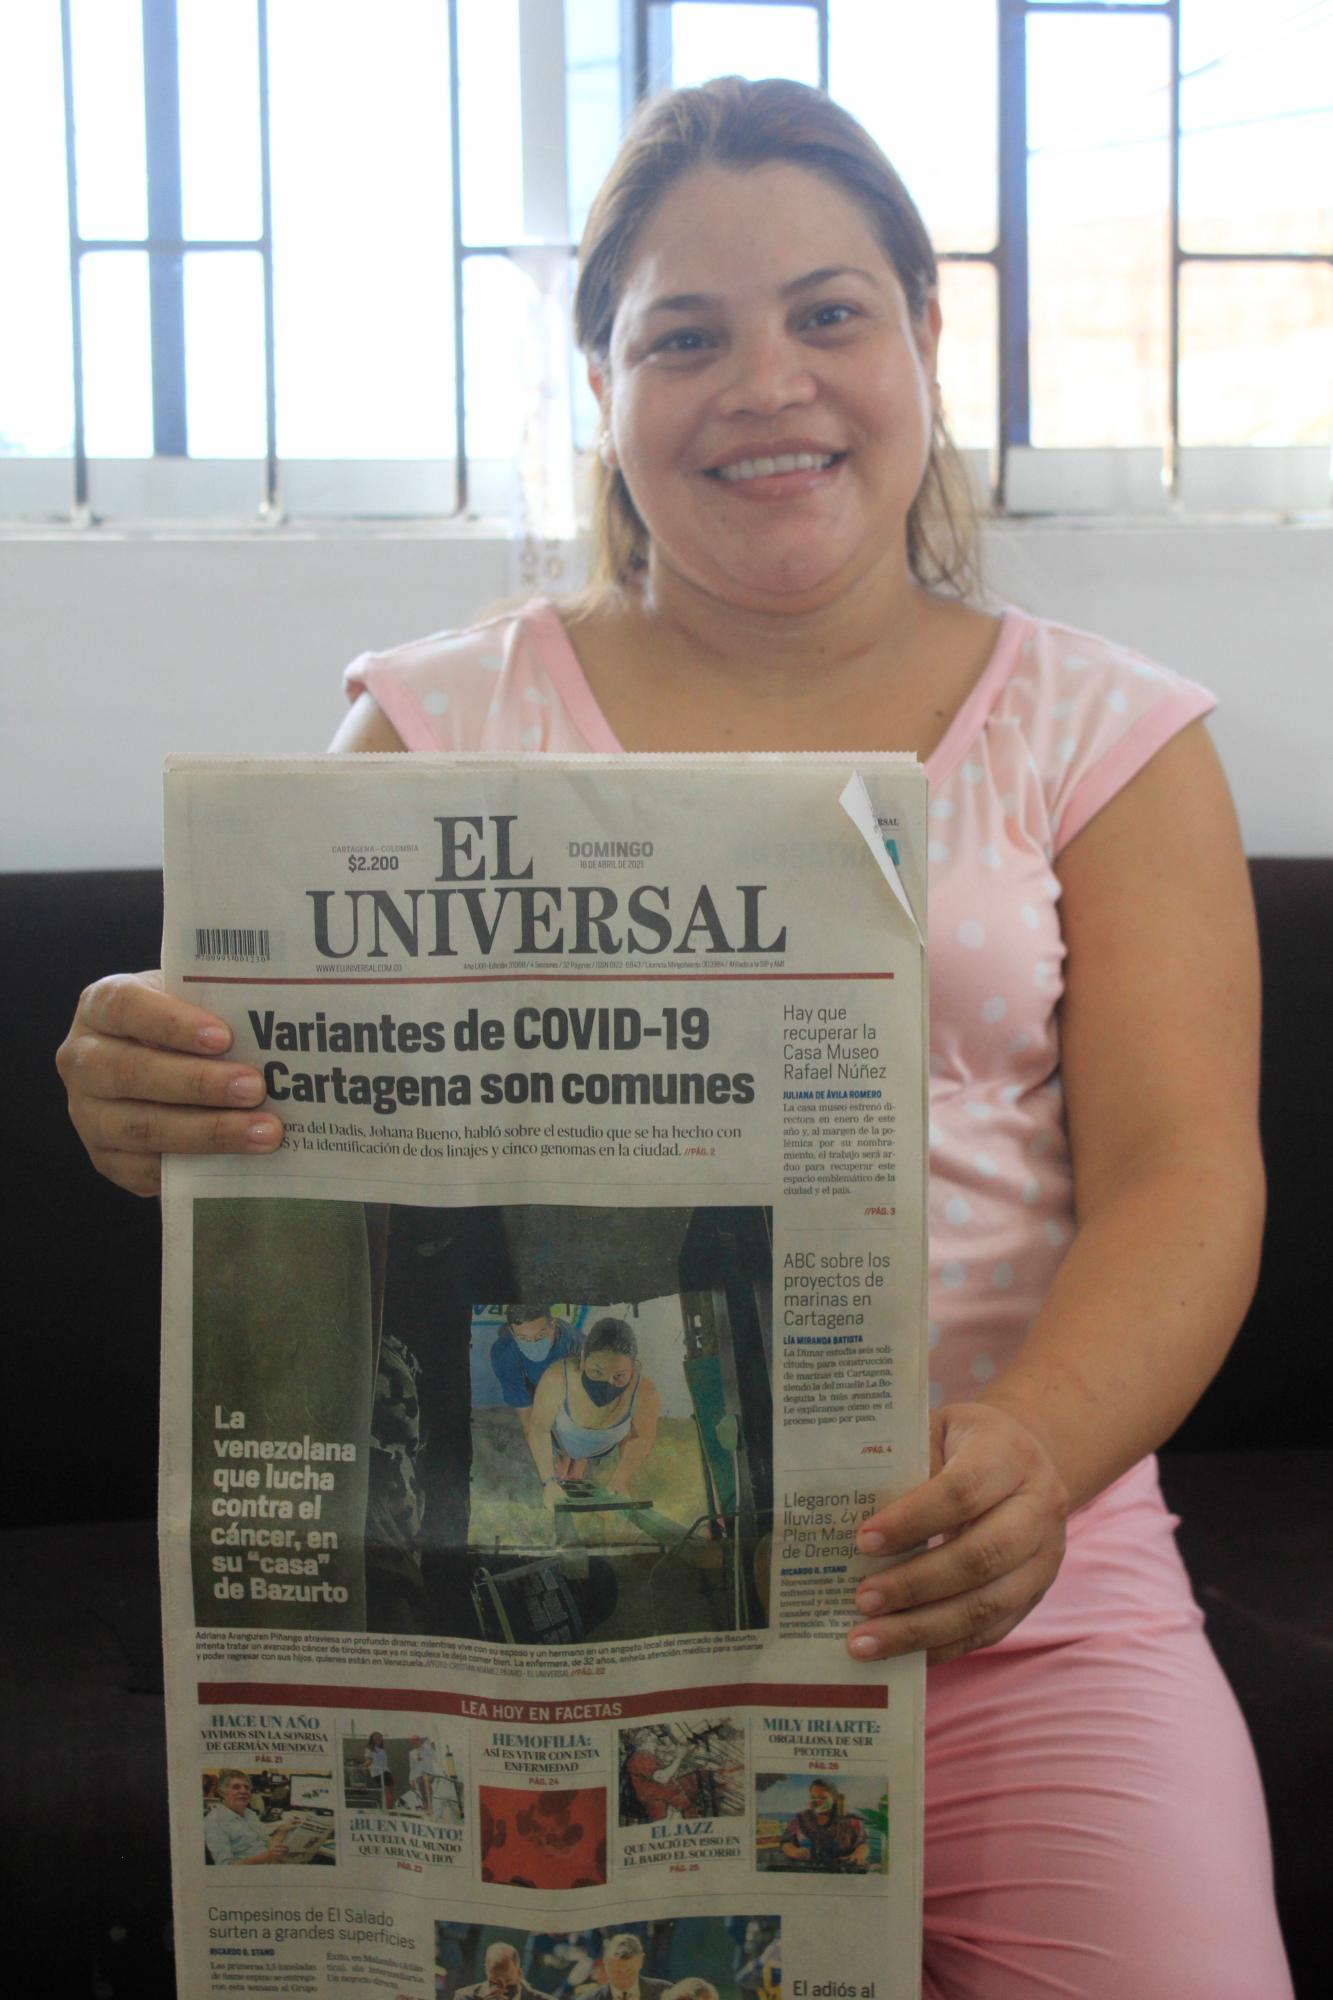 La enfermera venezolana Adriana Araguren Piñango posa para una fotografía: sostiene un ejemplar del periódico El Universal. La foto fue tomada en el apartamento donde vive con su familia, en el barrio El Prado de Cartagena de Indias, Colombia.